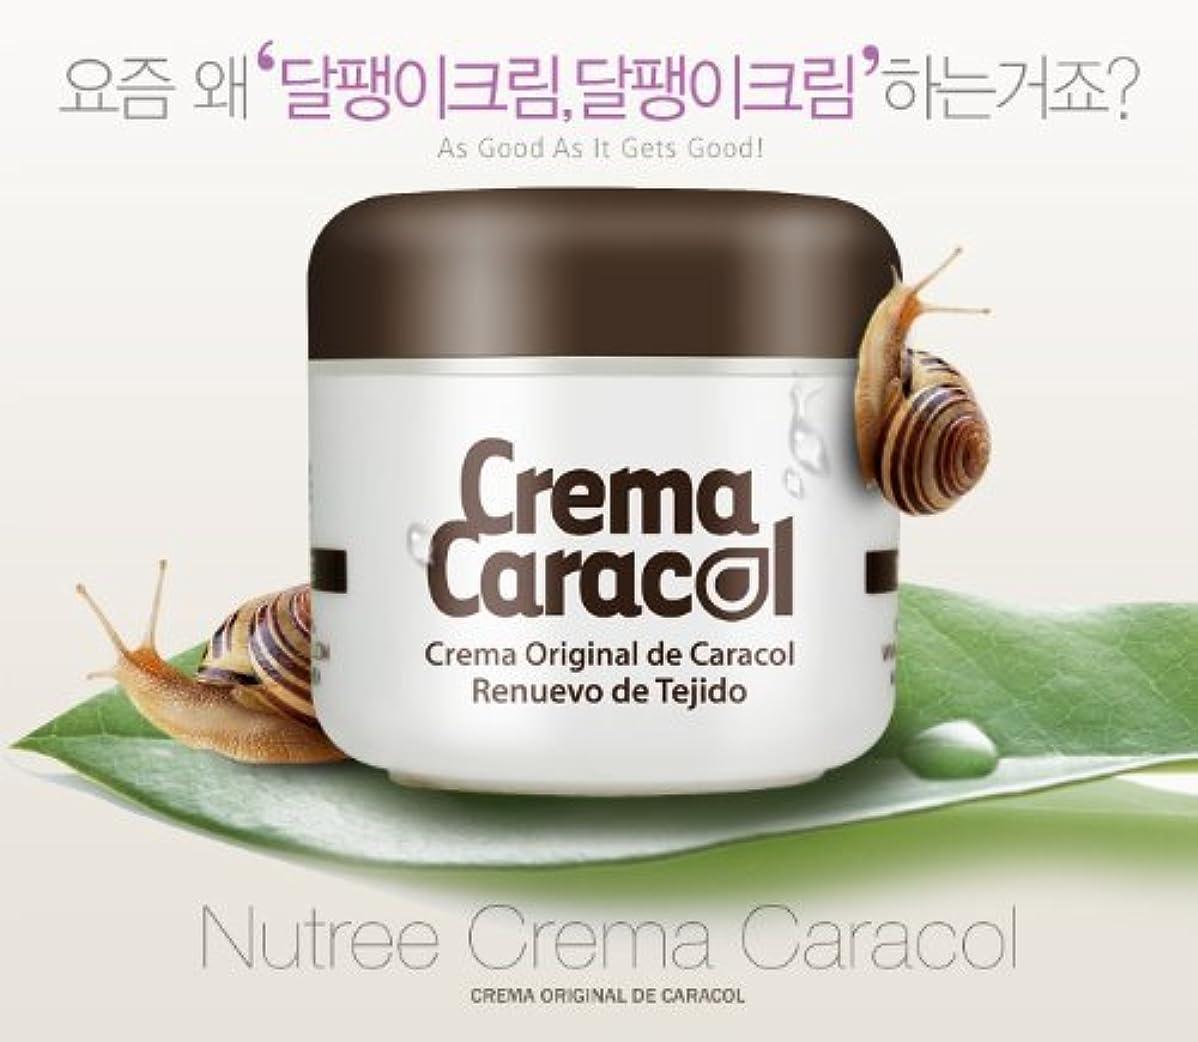 エスニック塩辛いチェスcrema caracol(カラコール) かたつむりクリーム 5個セット